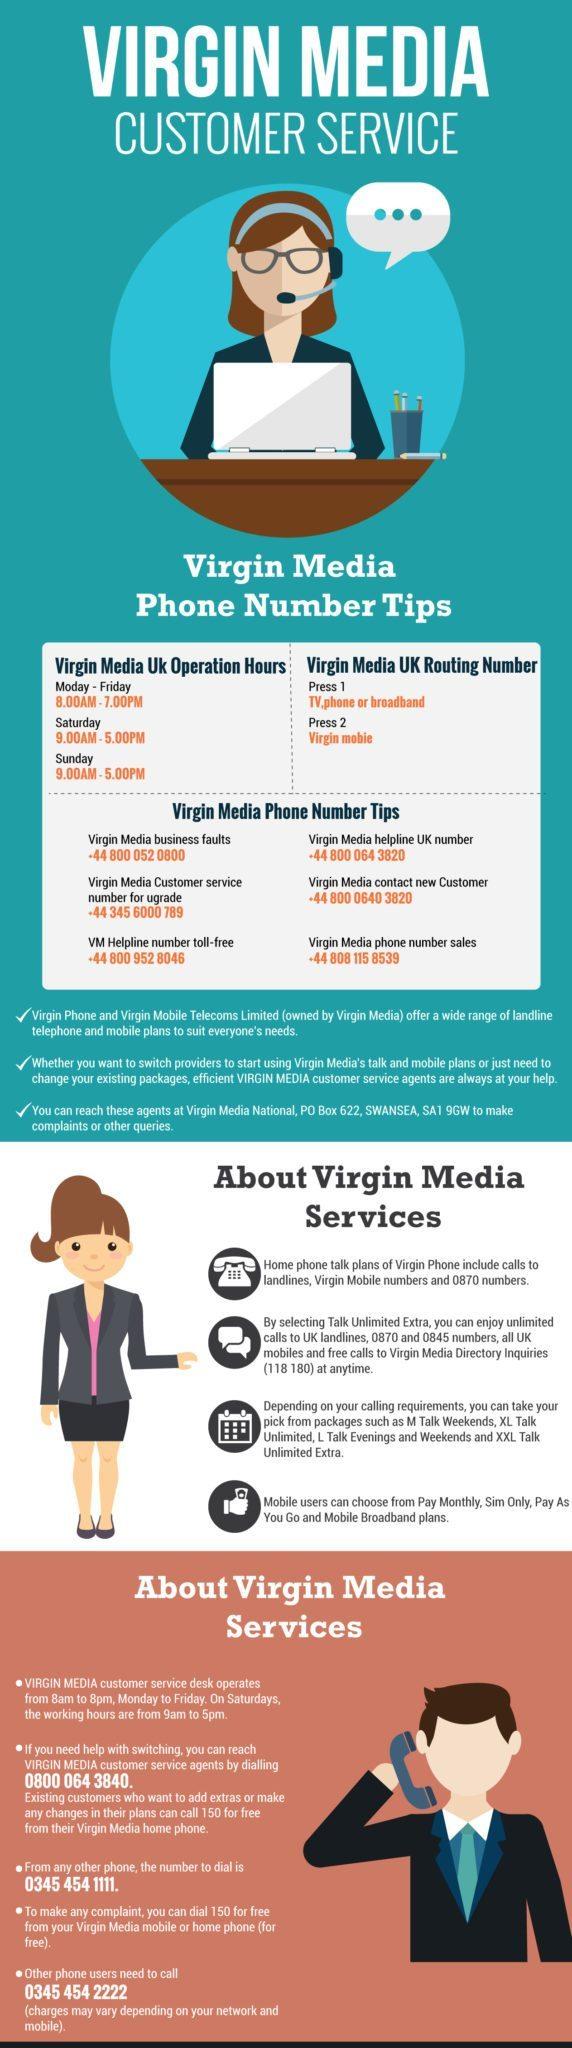 Find Virgin Mobile Customer Service Number List Here ...